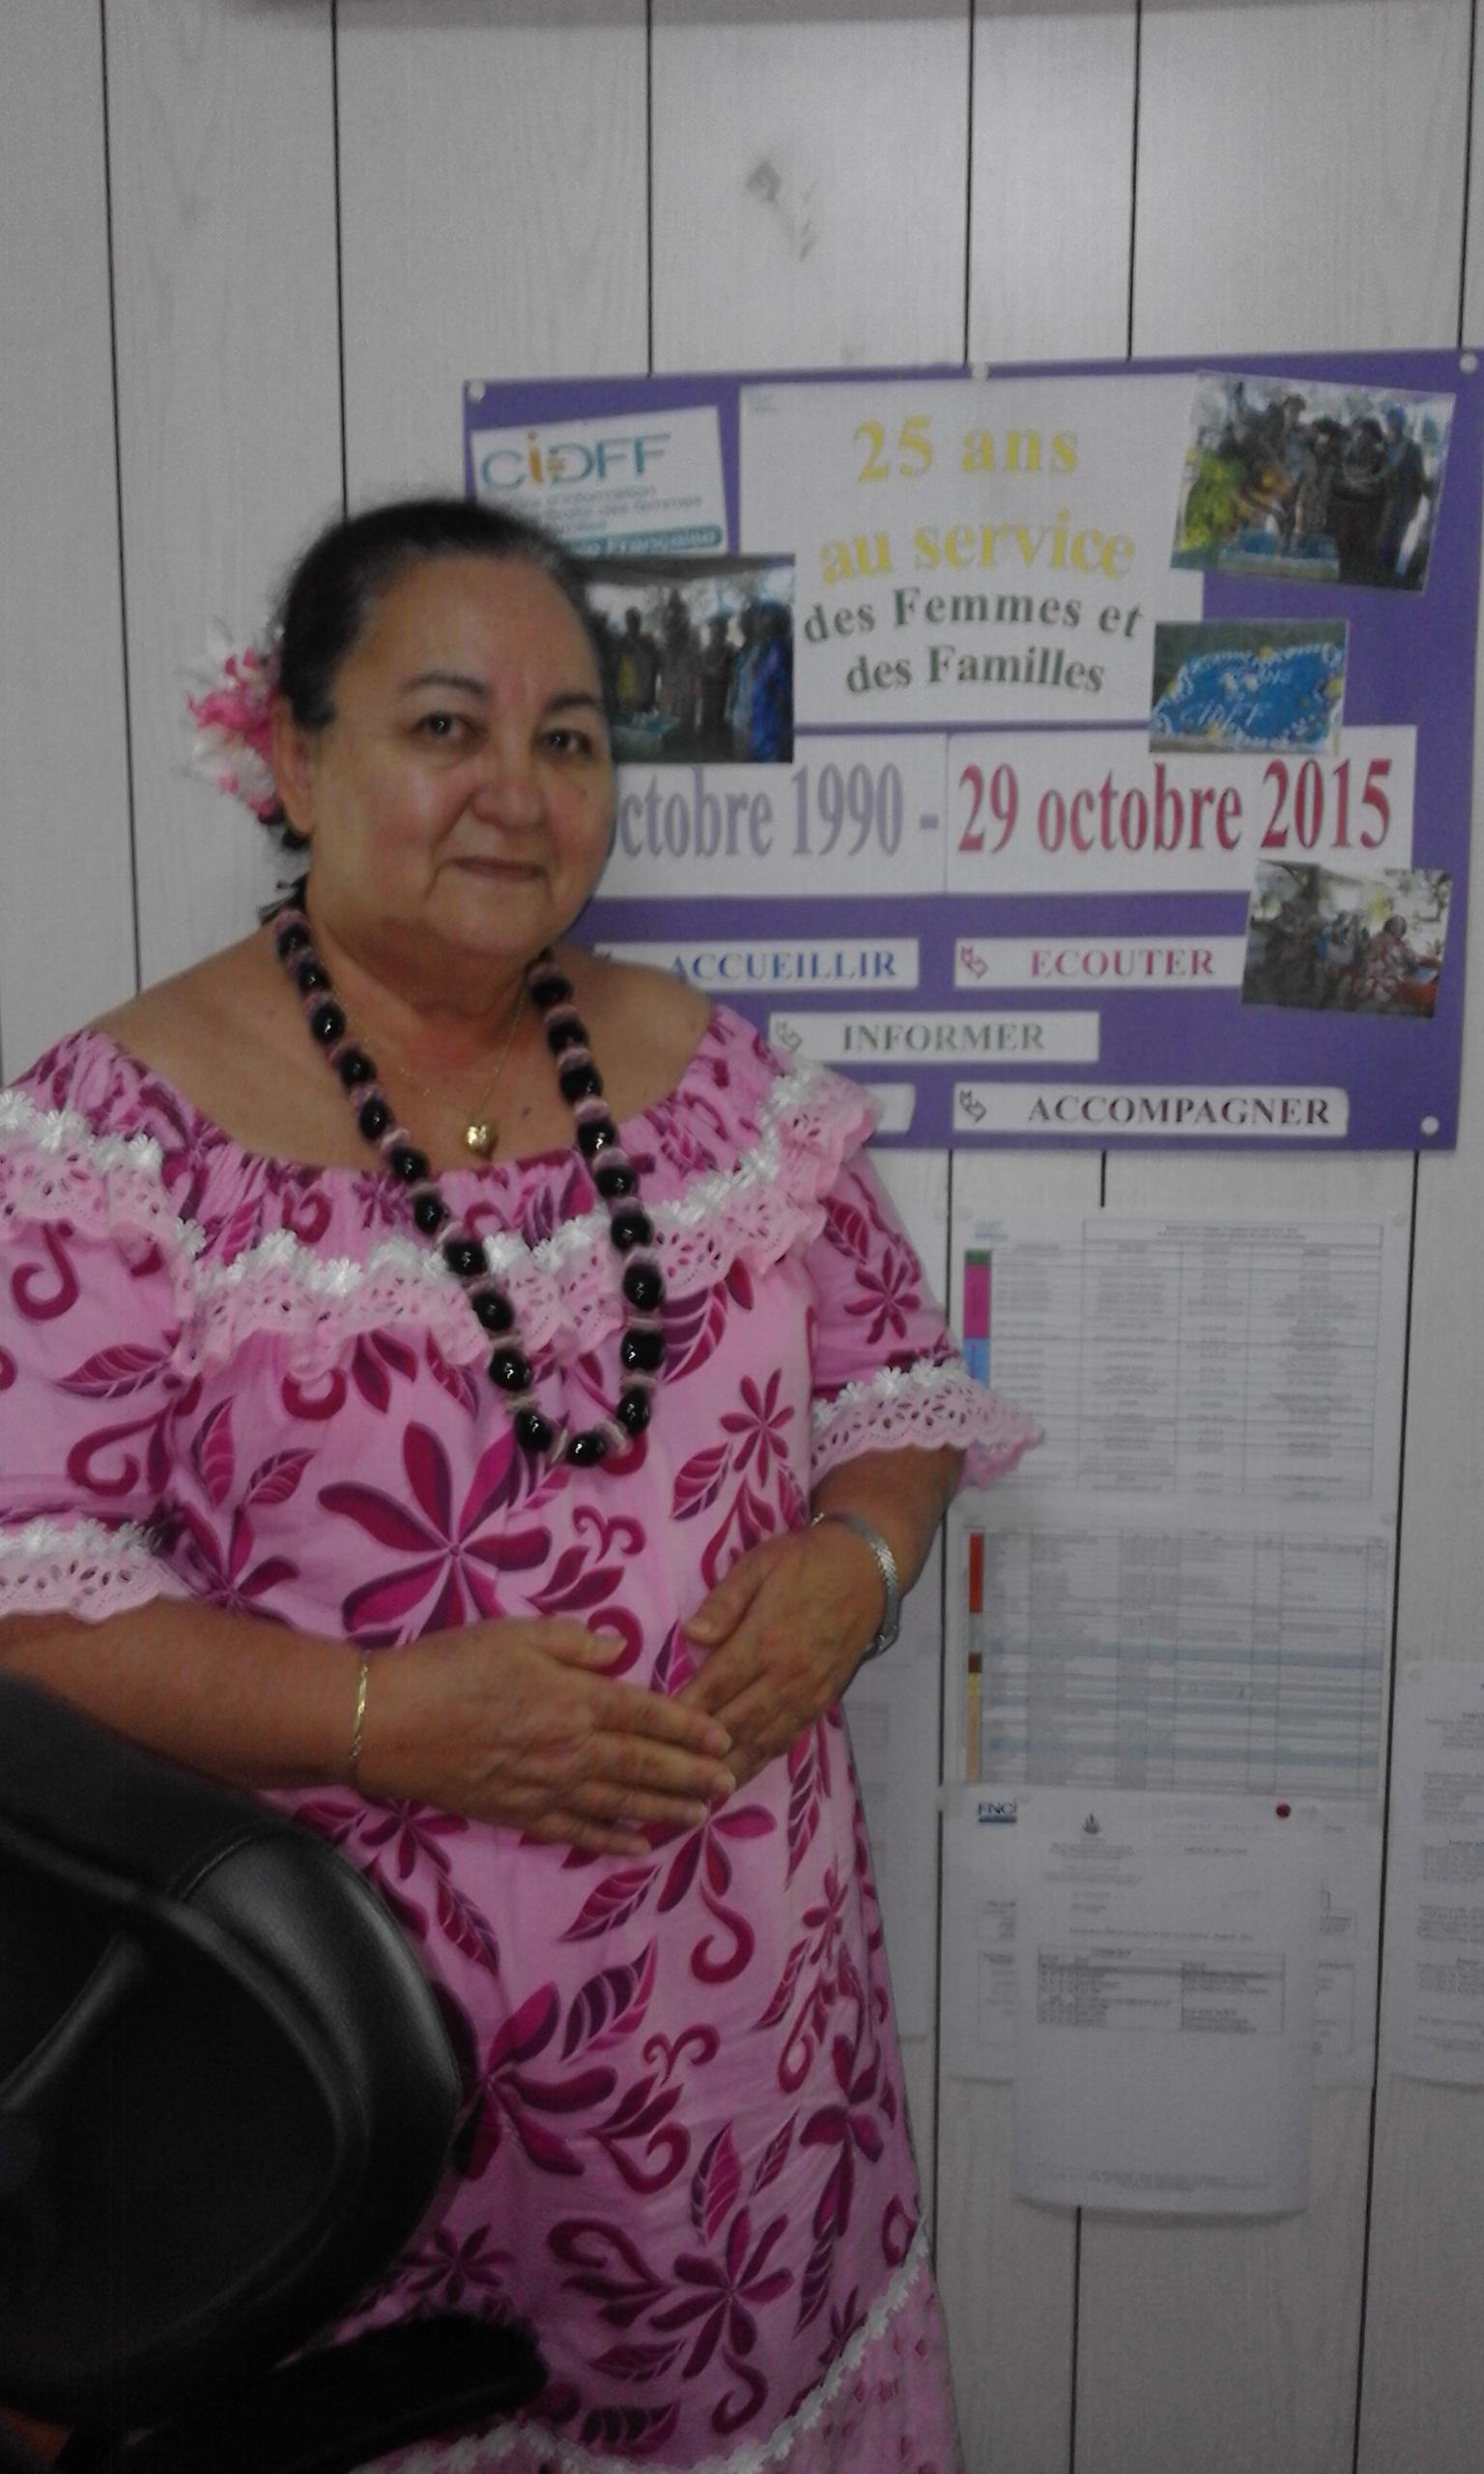 Thilda Harehoe-Garbutt est présidente du Centre d'Information des Droits des Femmes et des Familles (CIDFF).